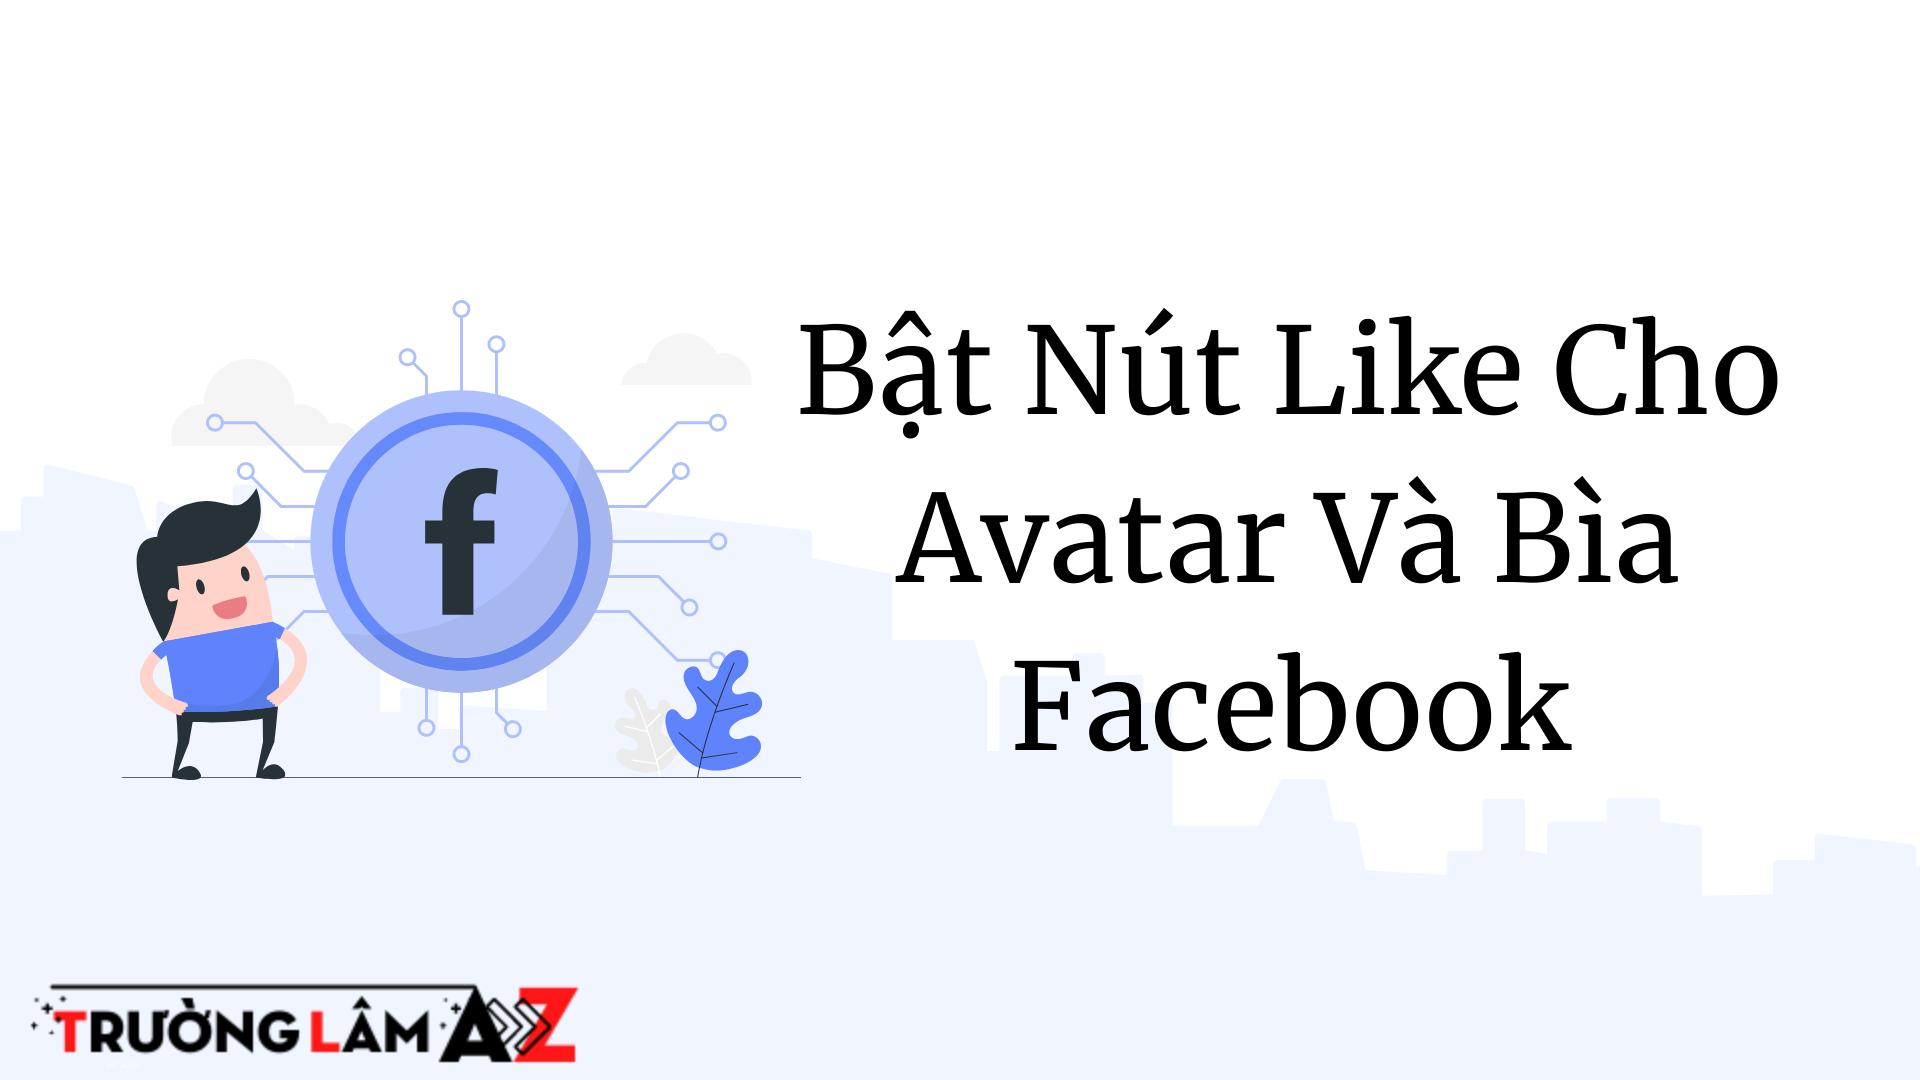 huong-dan-bat-nut-like-cho-avatar-va-bia-facebook